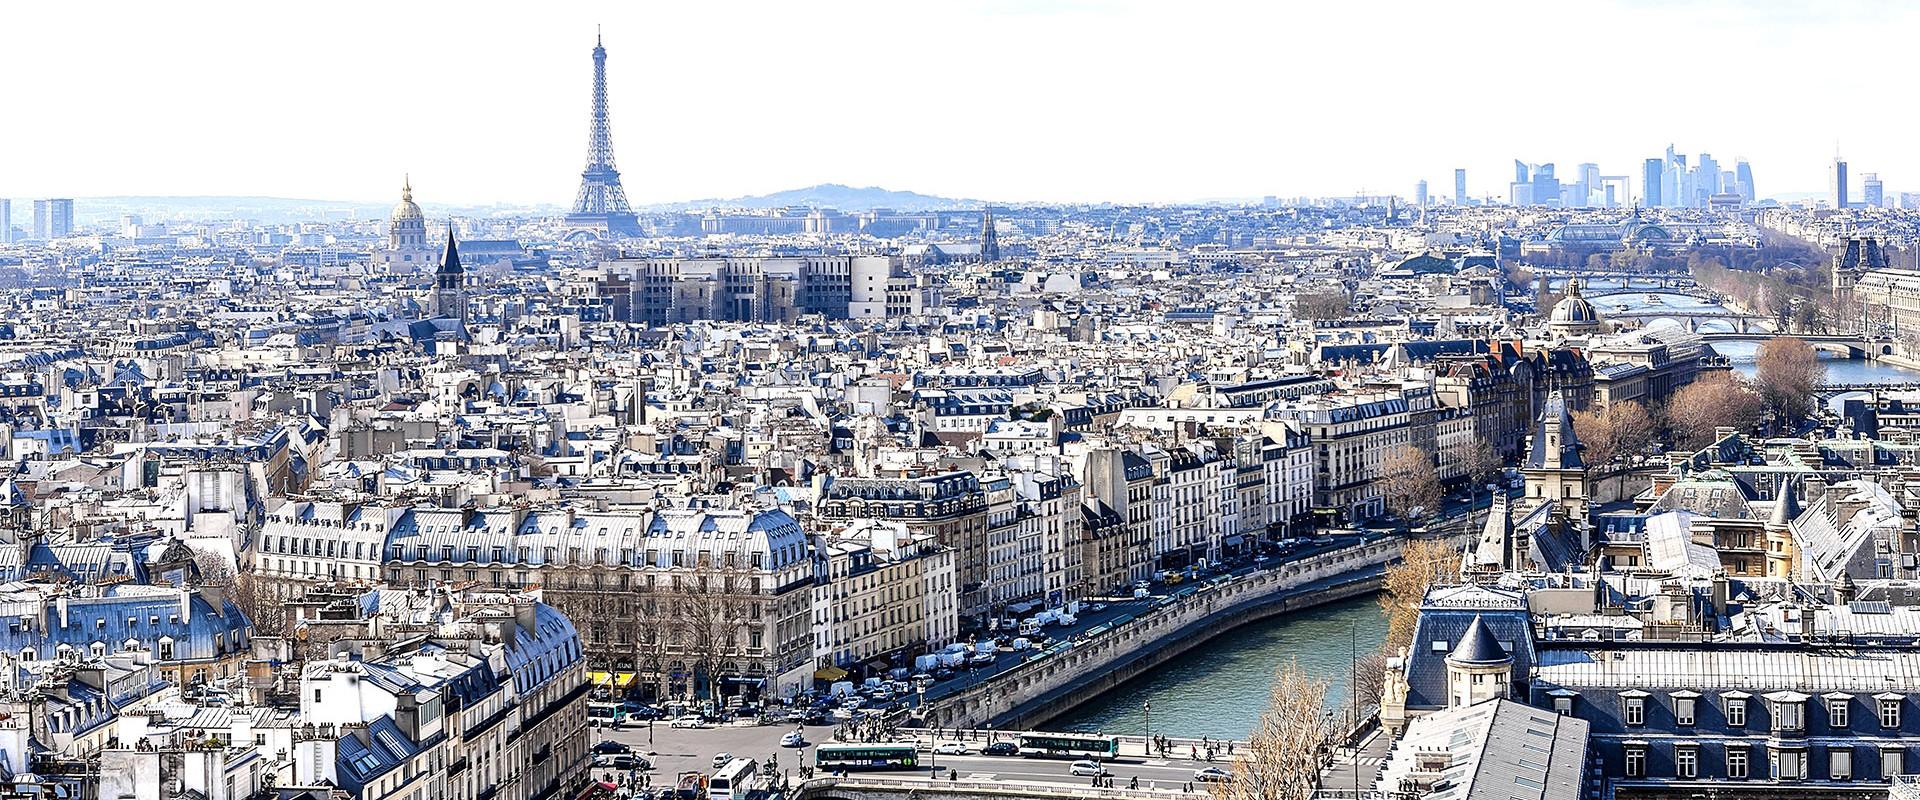 mbc consulting - MBC CONSULTING, 75008 PARIS